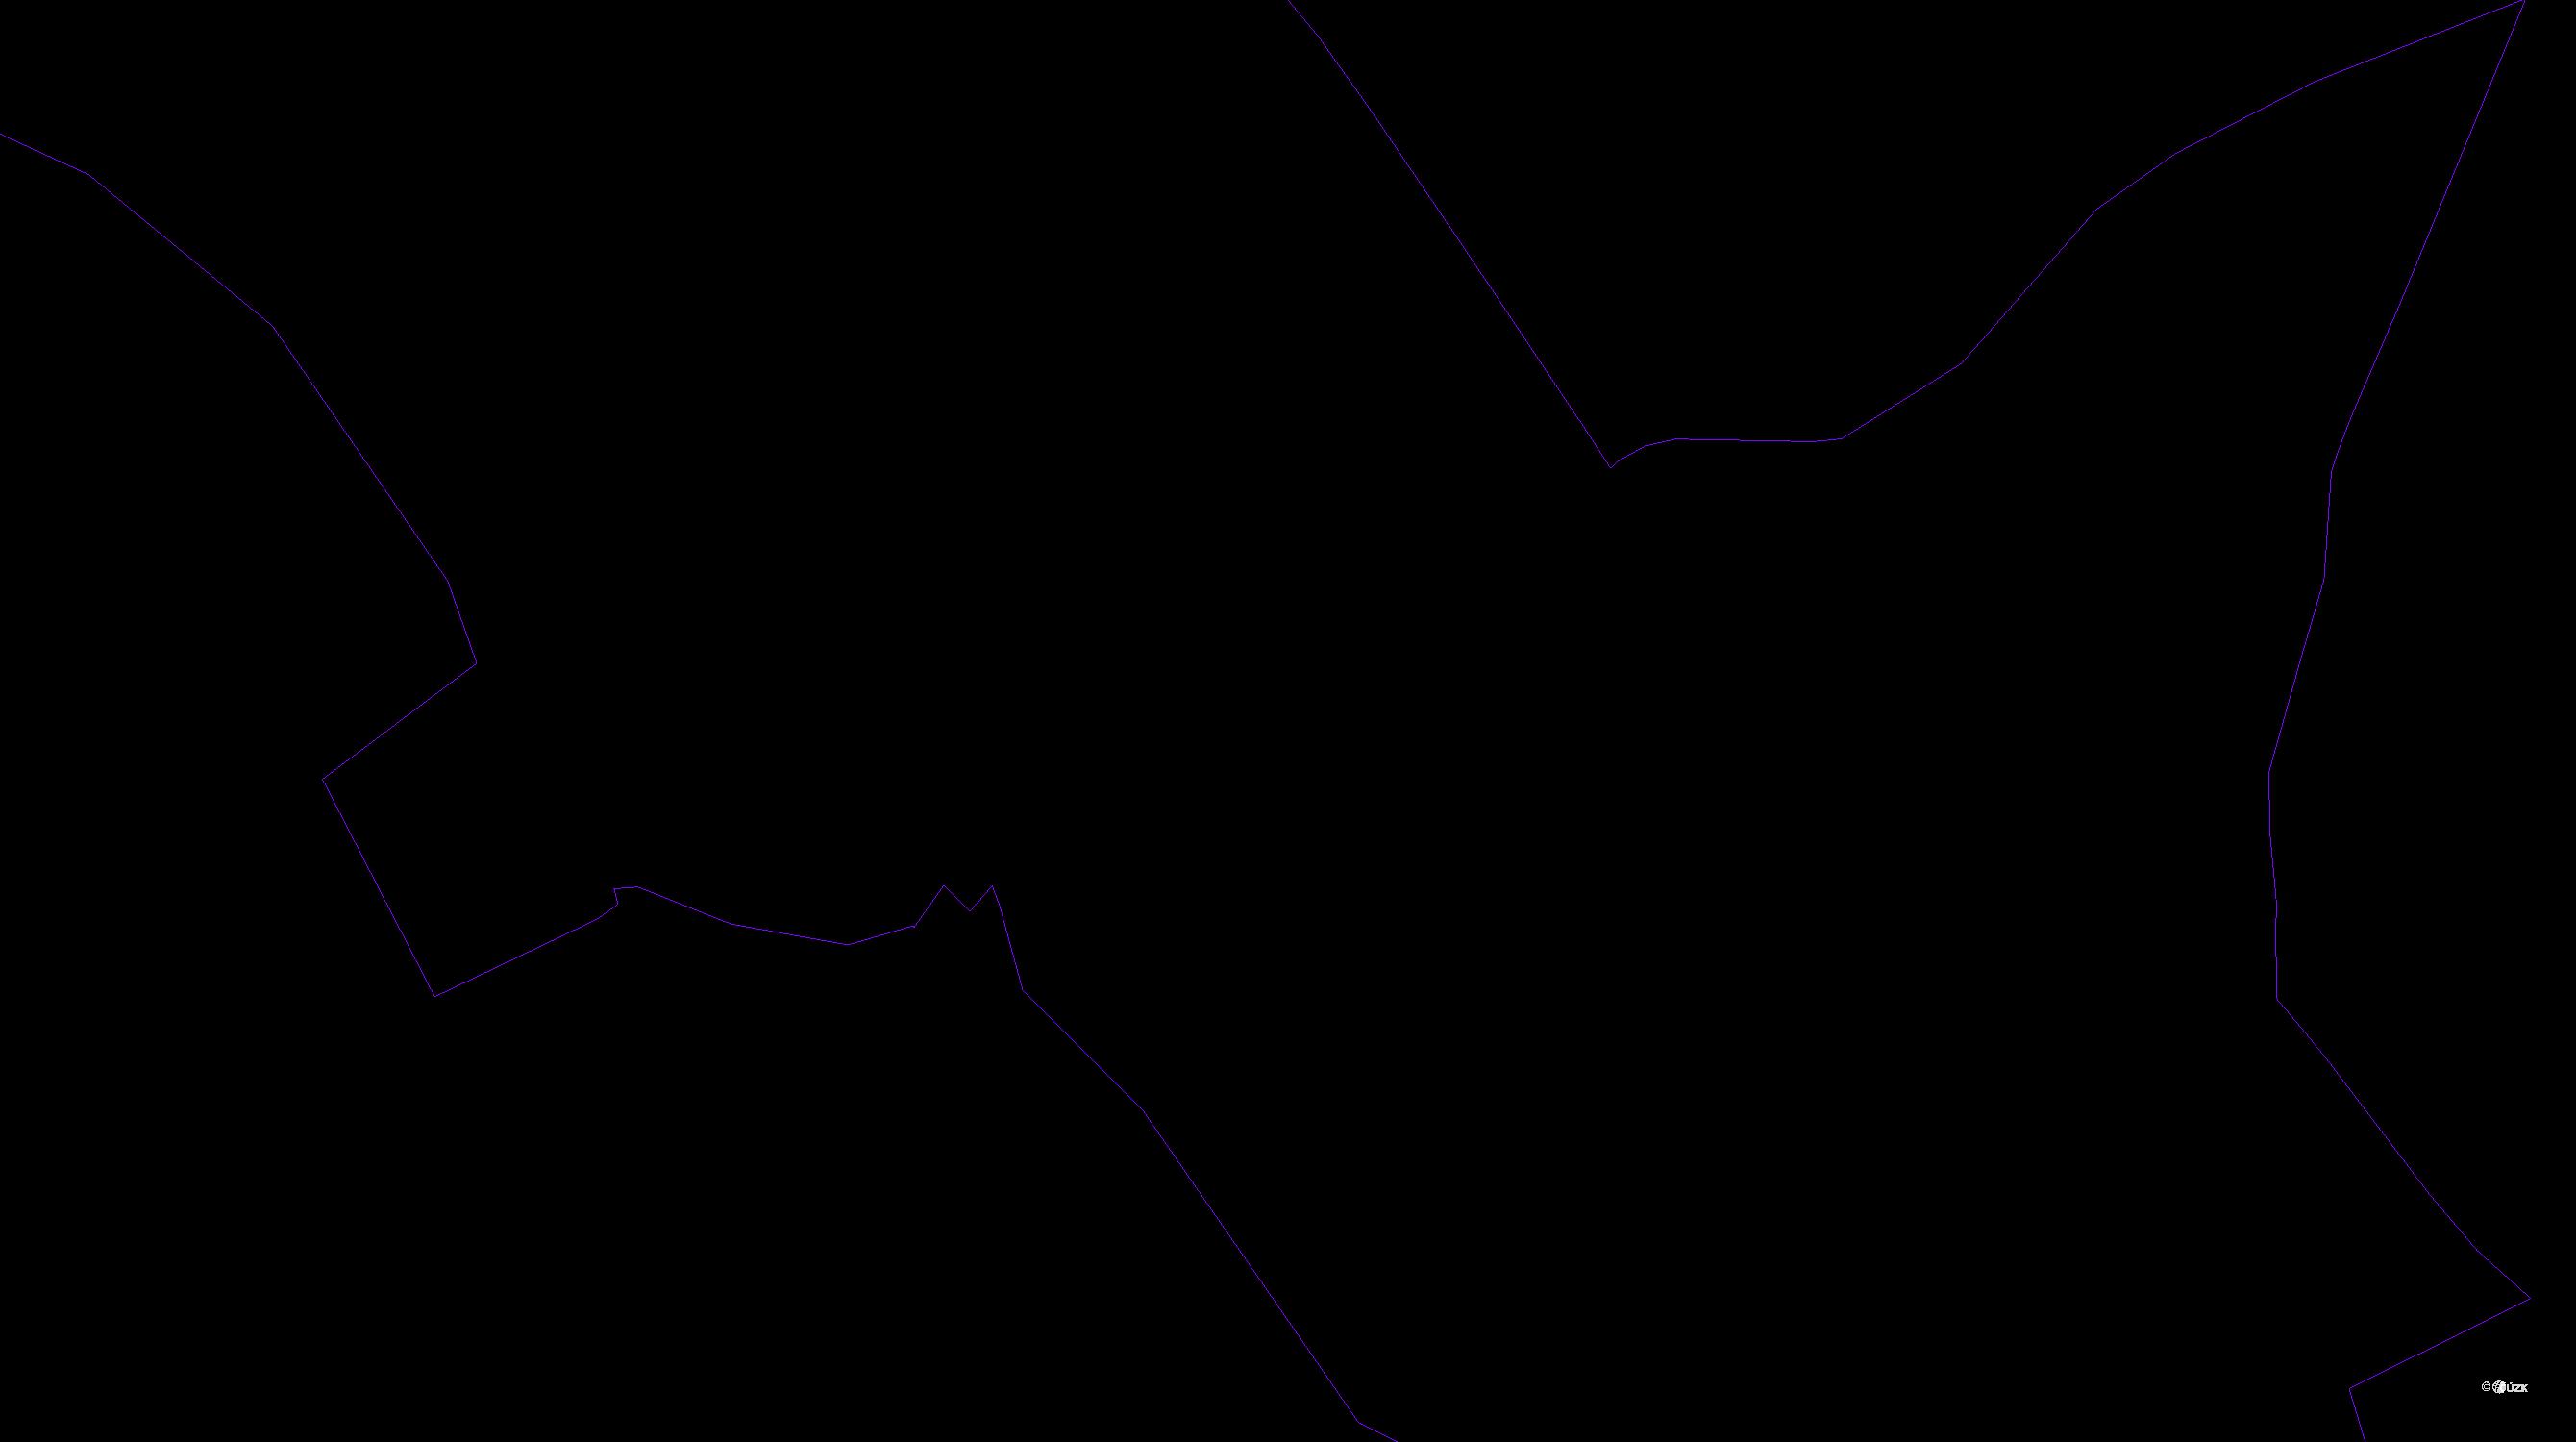 Katastrální mapa pozemků a čísla parcel Láz v Brdech